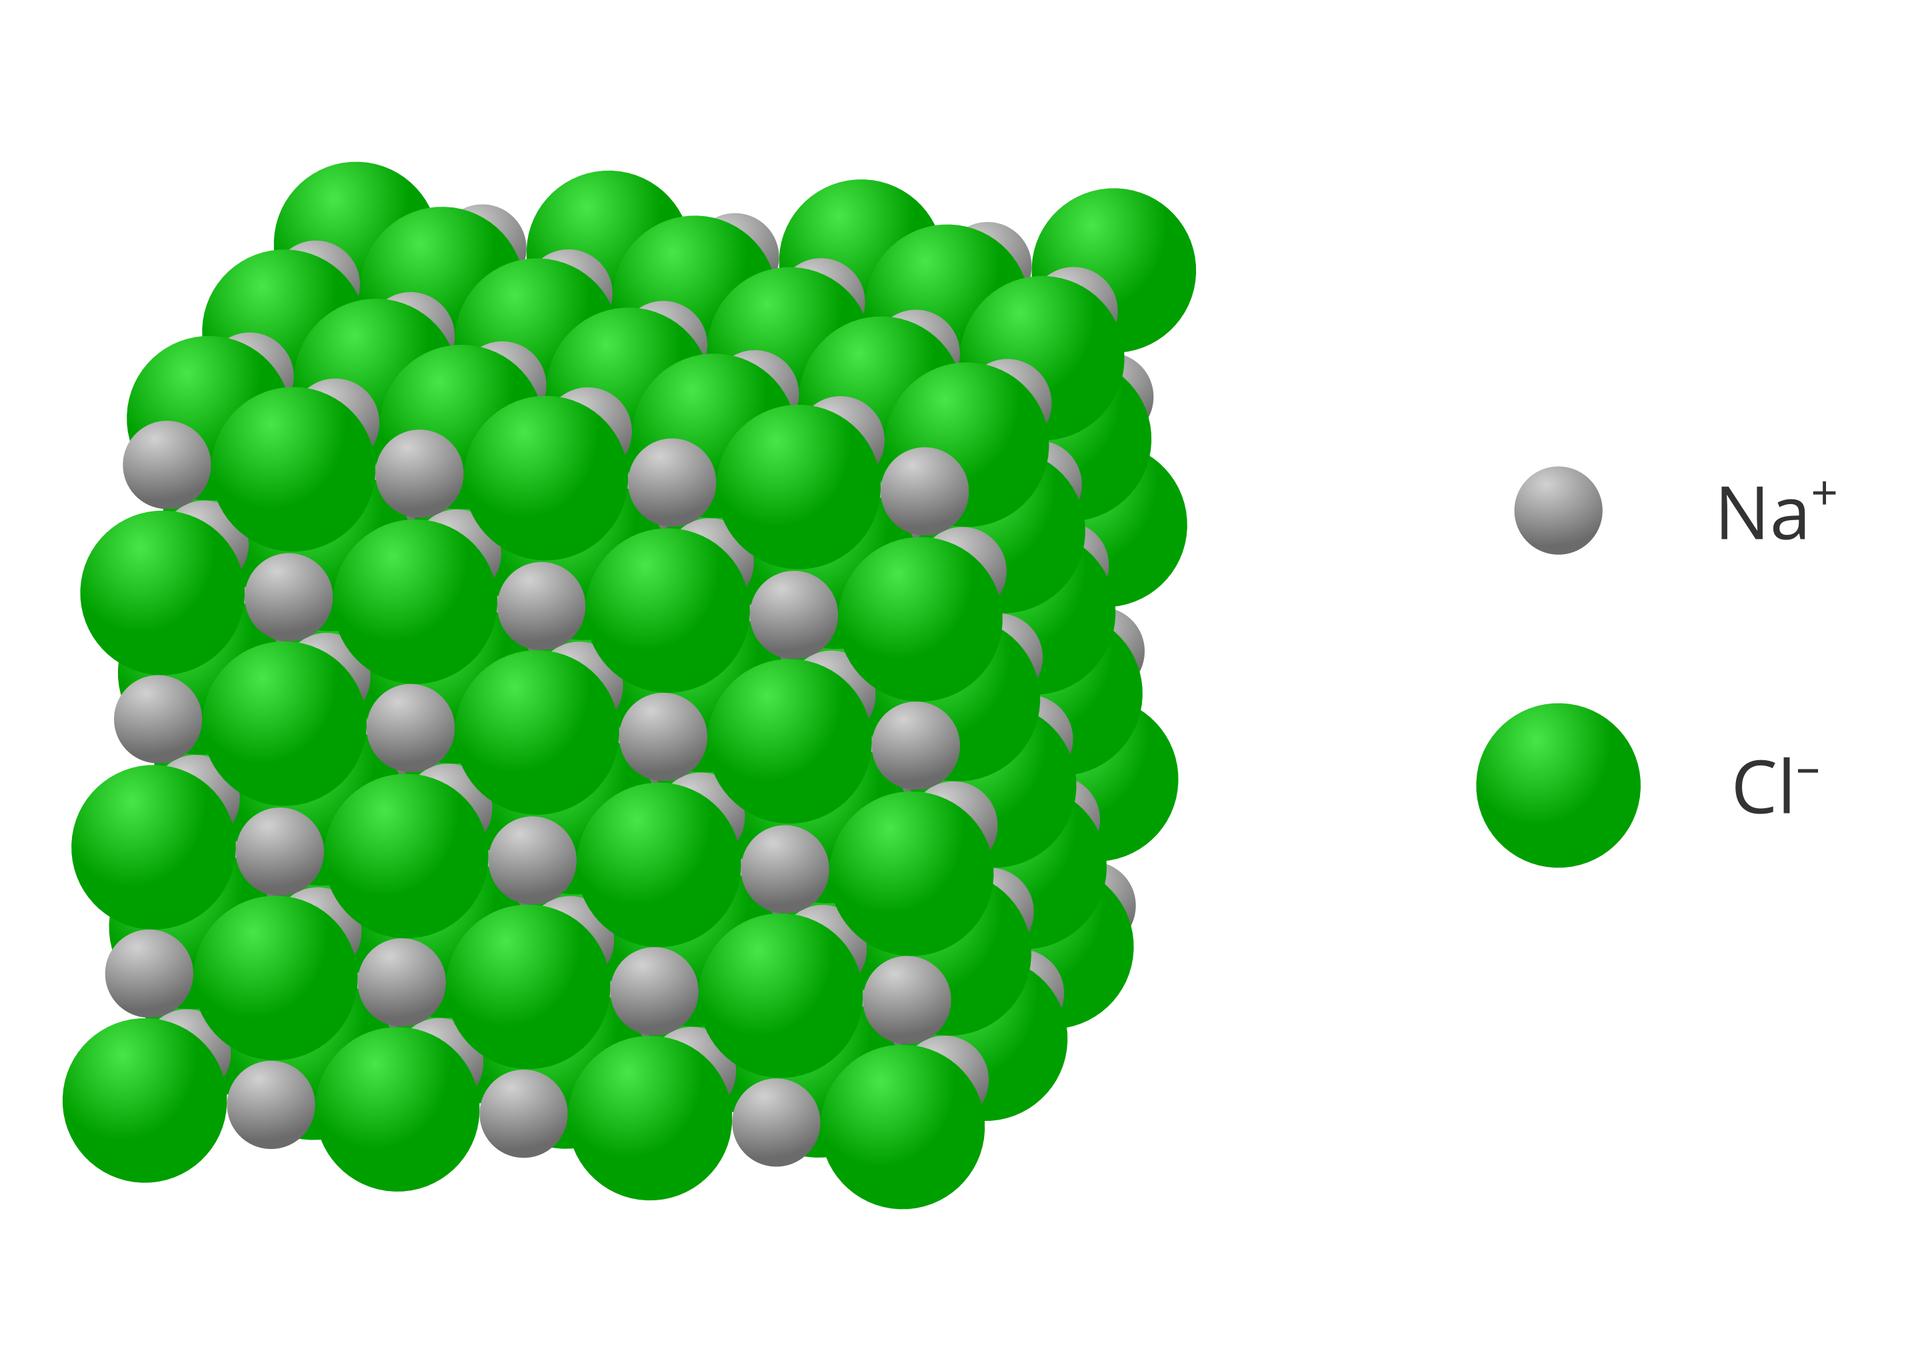 Ilustracja przedstawia atomowy model kryształku chlorku sodu, czyli soli kamiennej. Zlewej strony widoczny jest sześcian składający się zzielonych większych iszarych mniejszych kulek złożonych wregularny deseń. Po prawej stronie znajduje się legenda do tego modelu: mniejsze kulki szare opisane są jako jony Na+, awiększe zielone jako Cl-.